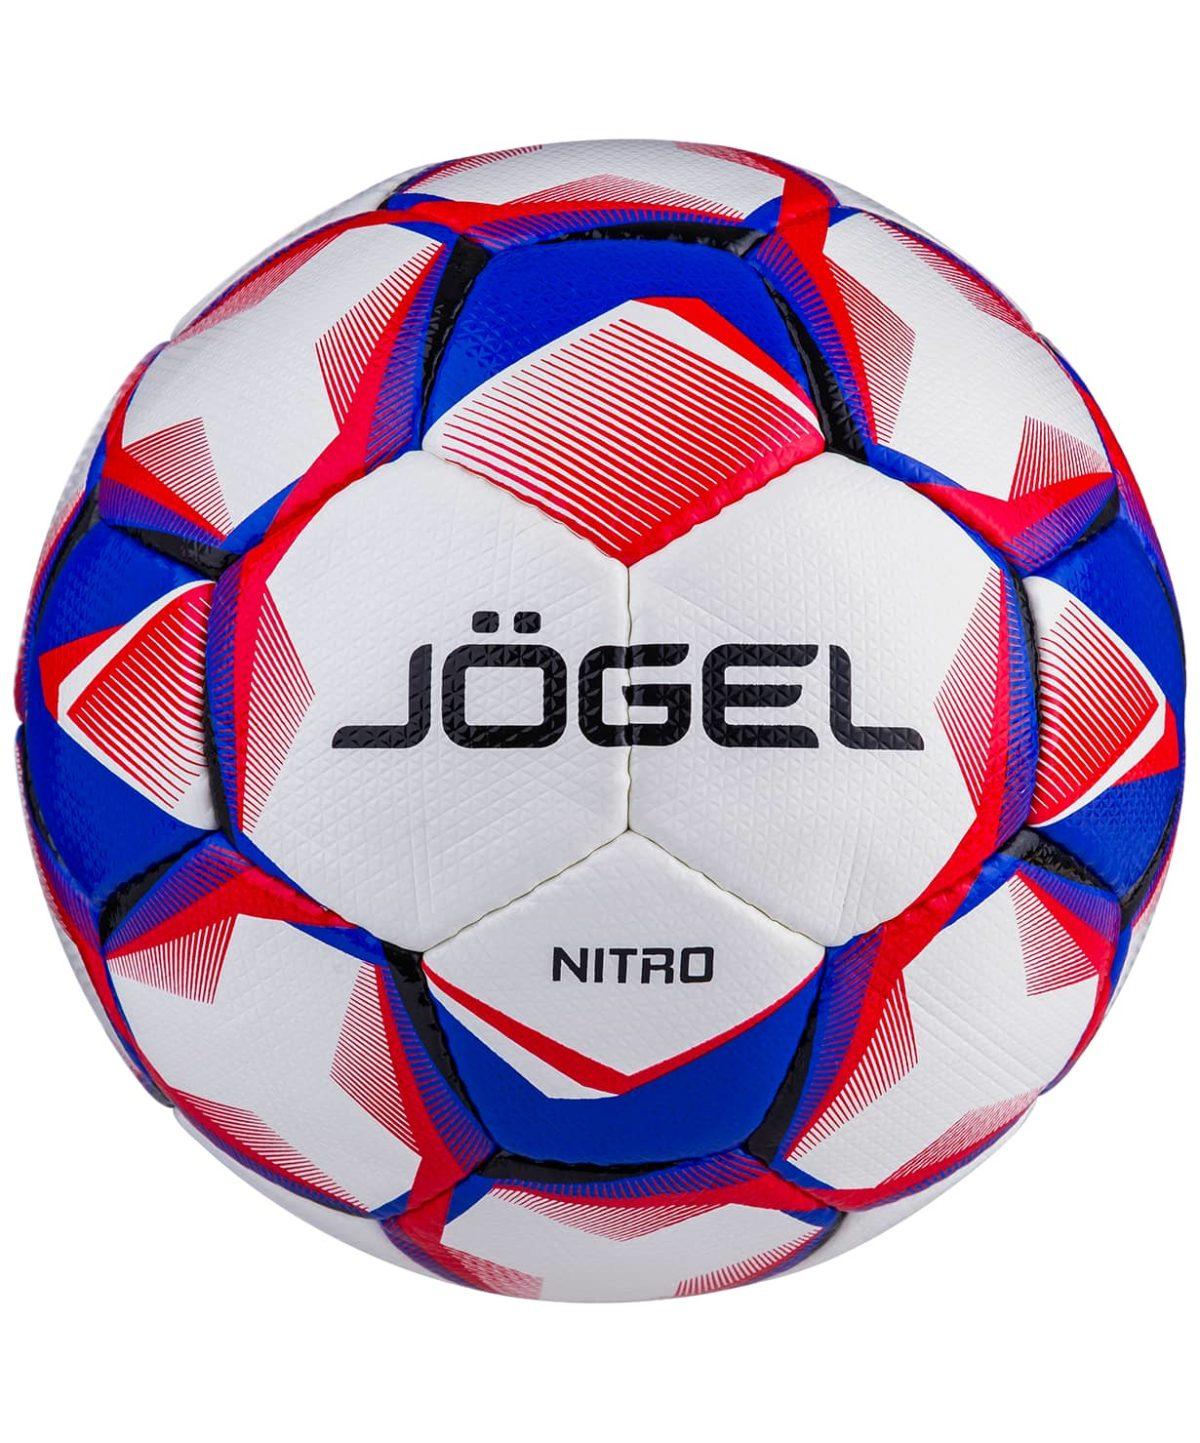 JOGEL Nitro  мяч футб.  Nitro (BC20) №5 - 1